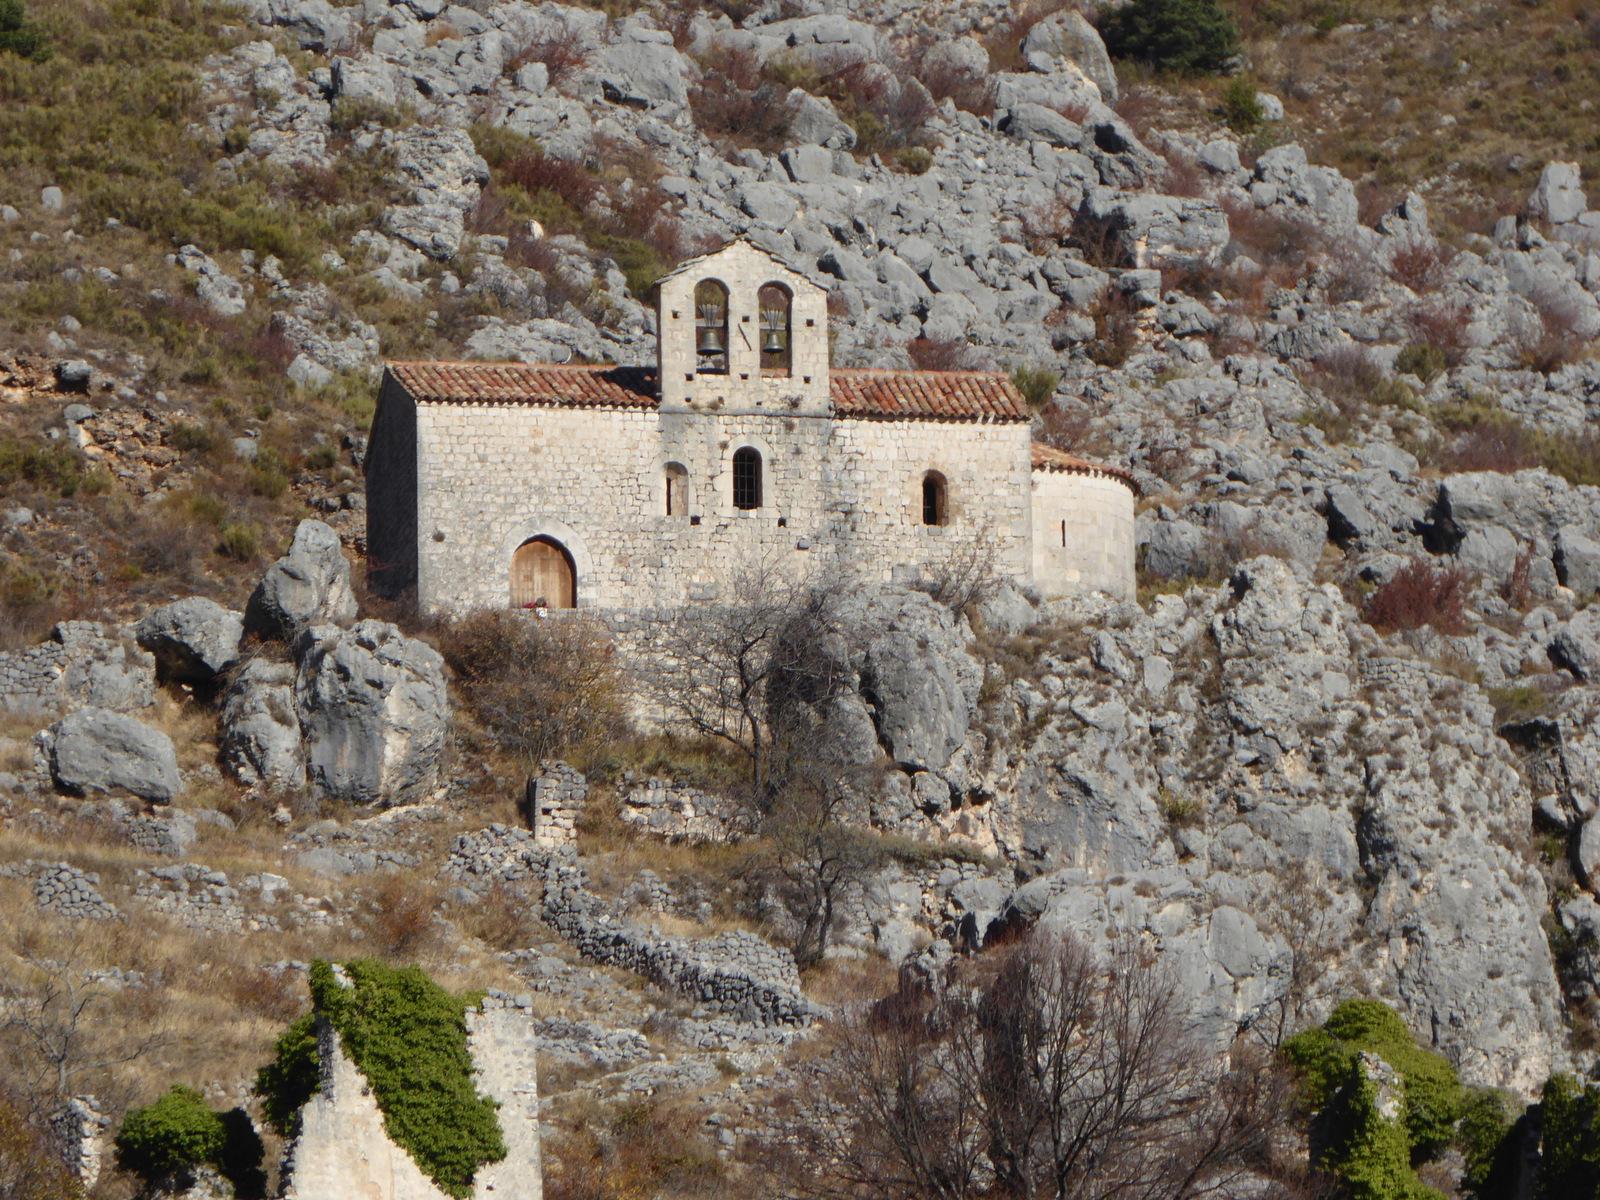 ... la chapelle Saint Etienne ...